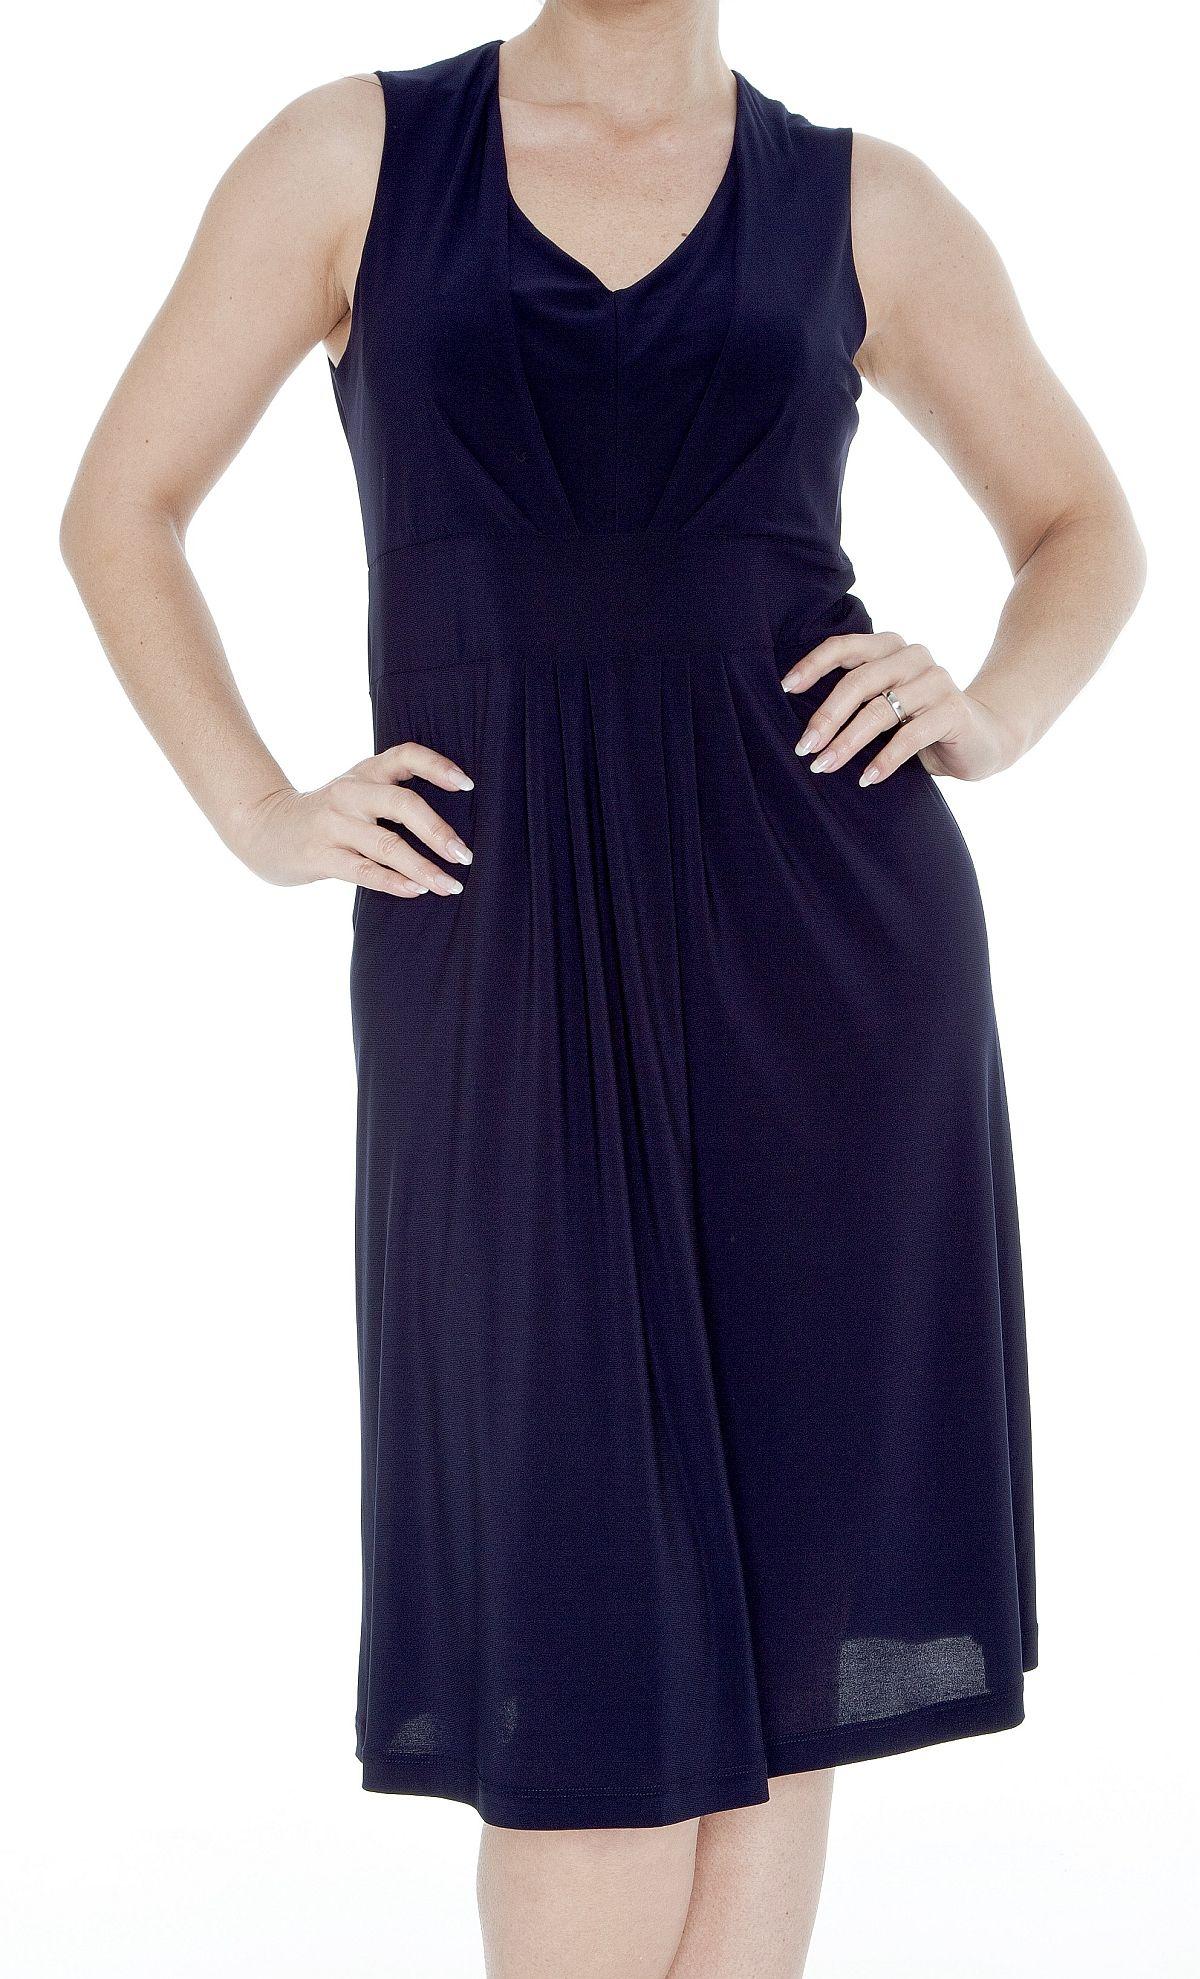 Das kleine Blaue - feminines Kleid in dunkelblau, Microfaser, ohne Arm